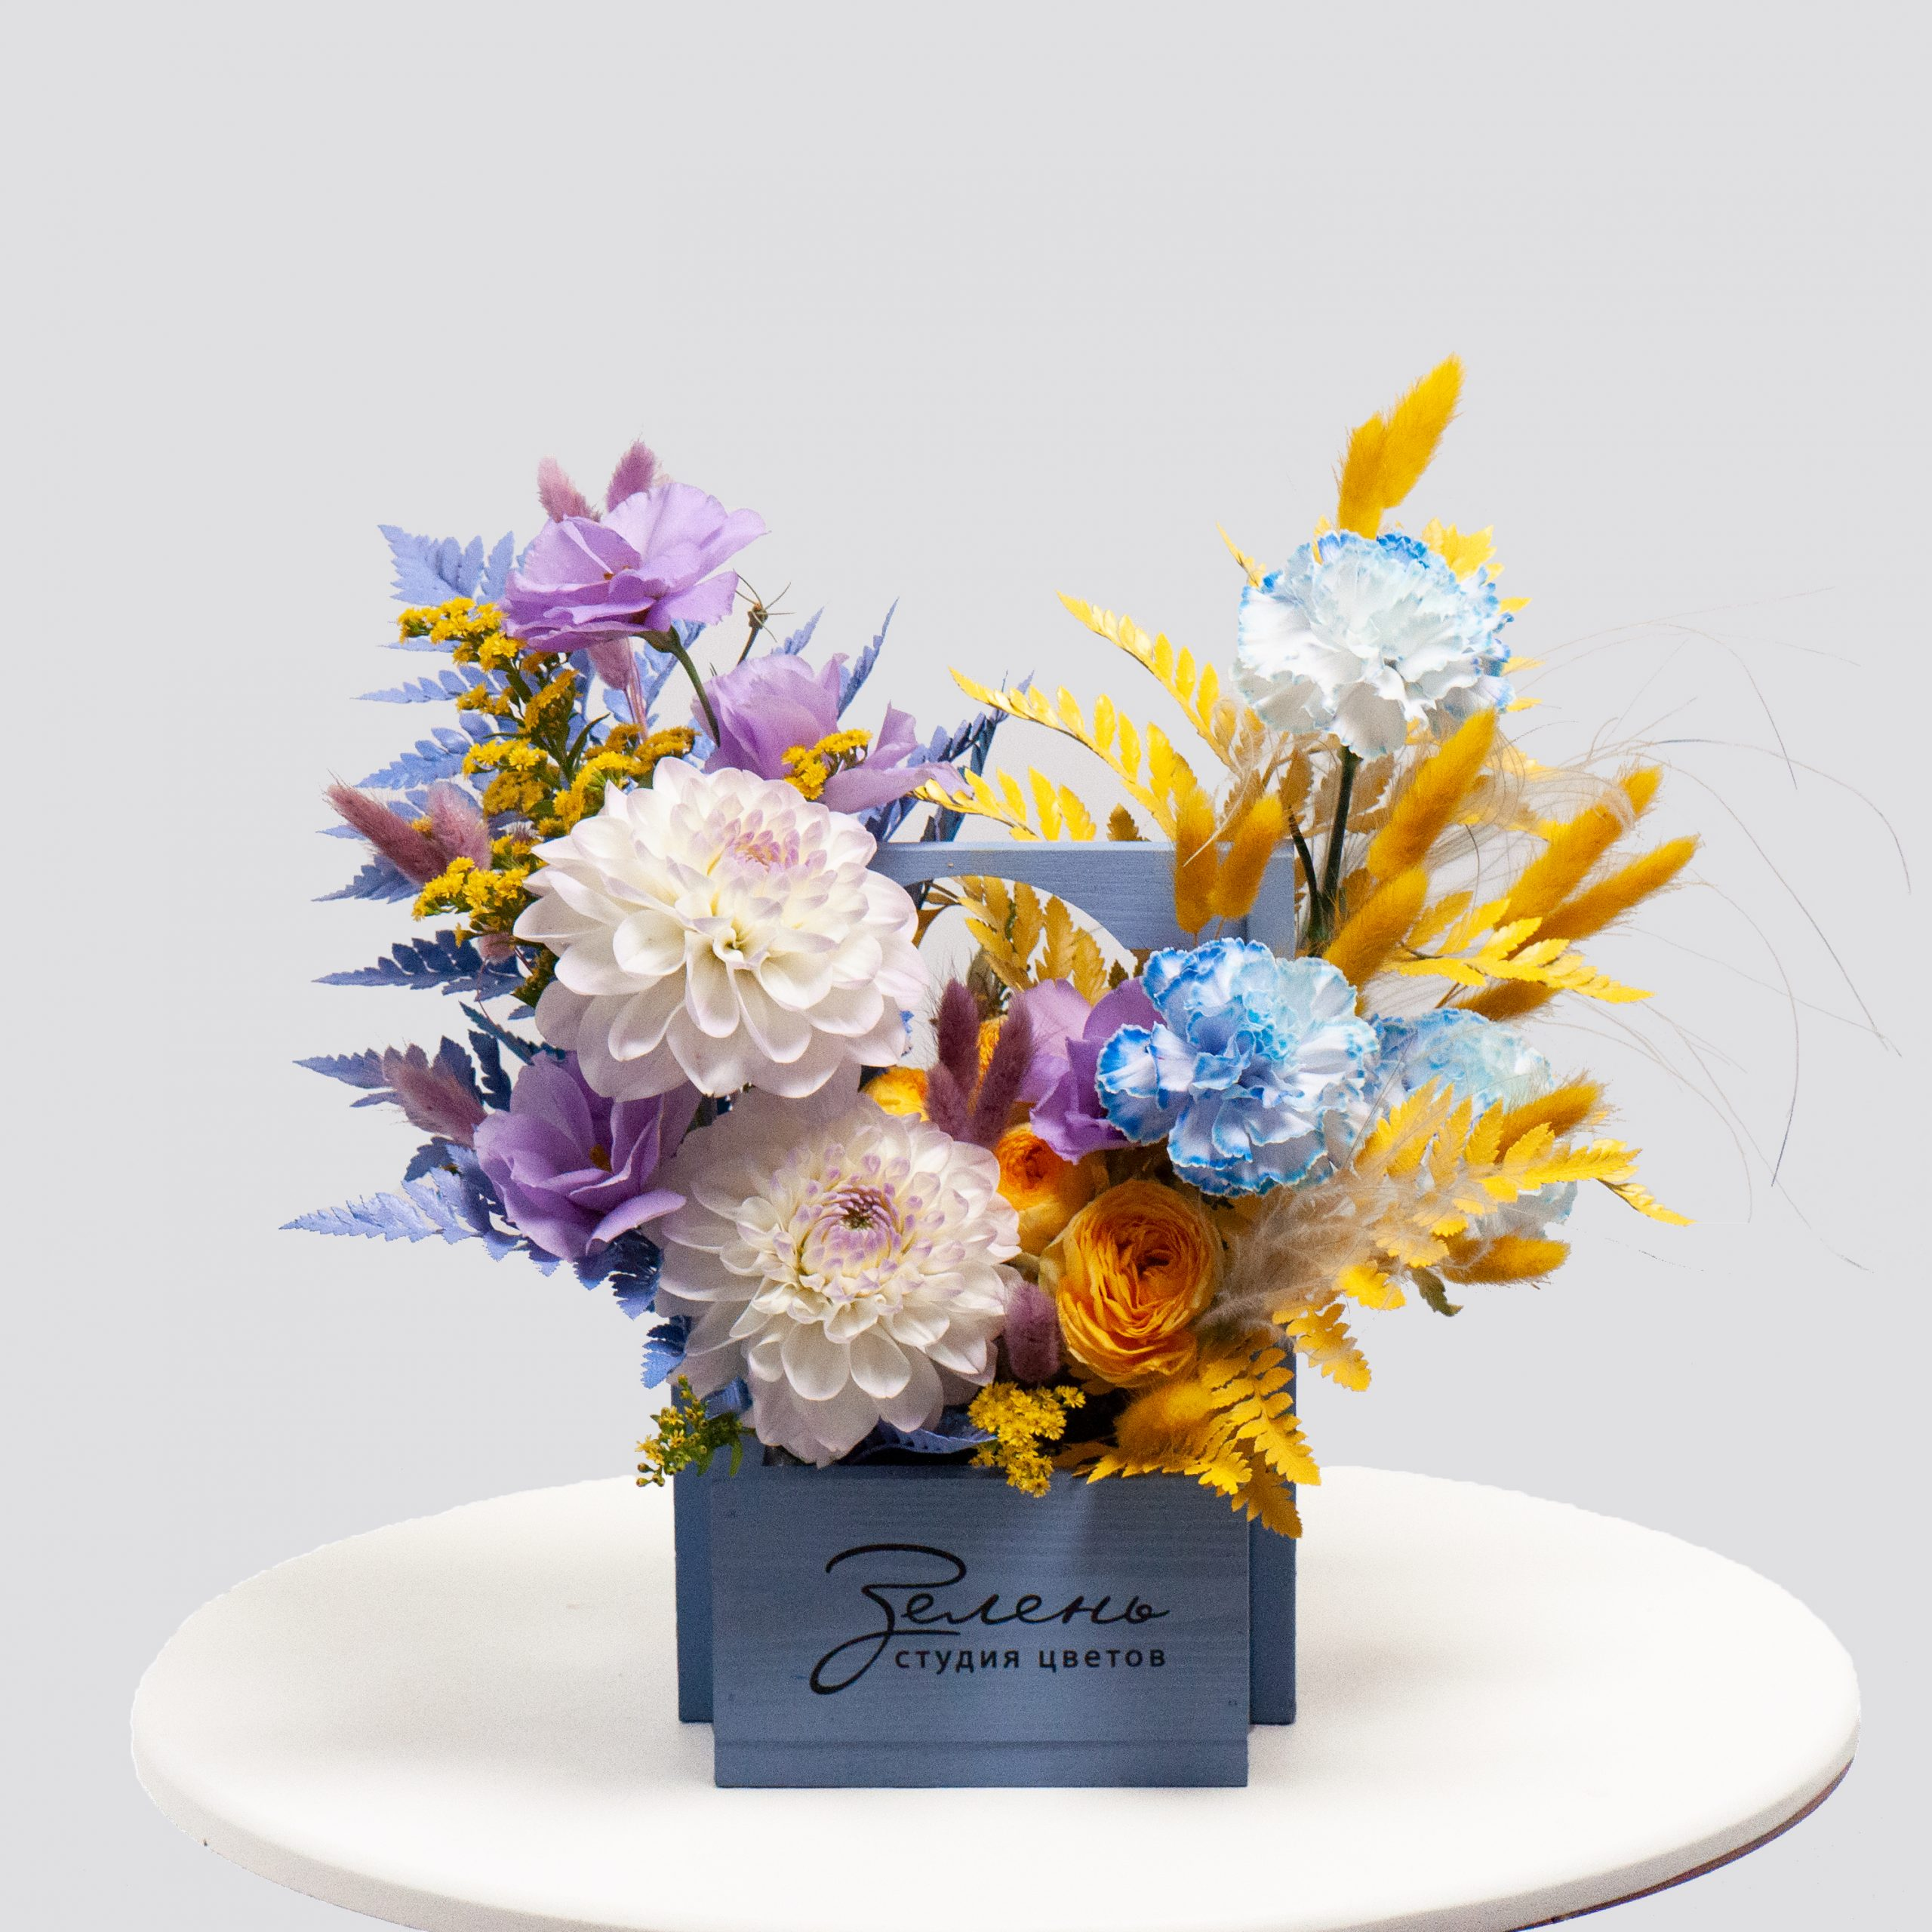 Ящик в сине-желтой гамме №25 - купить цветы в Санкт Петербурге